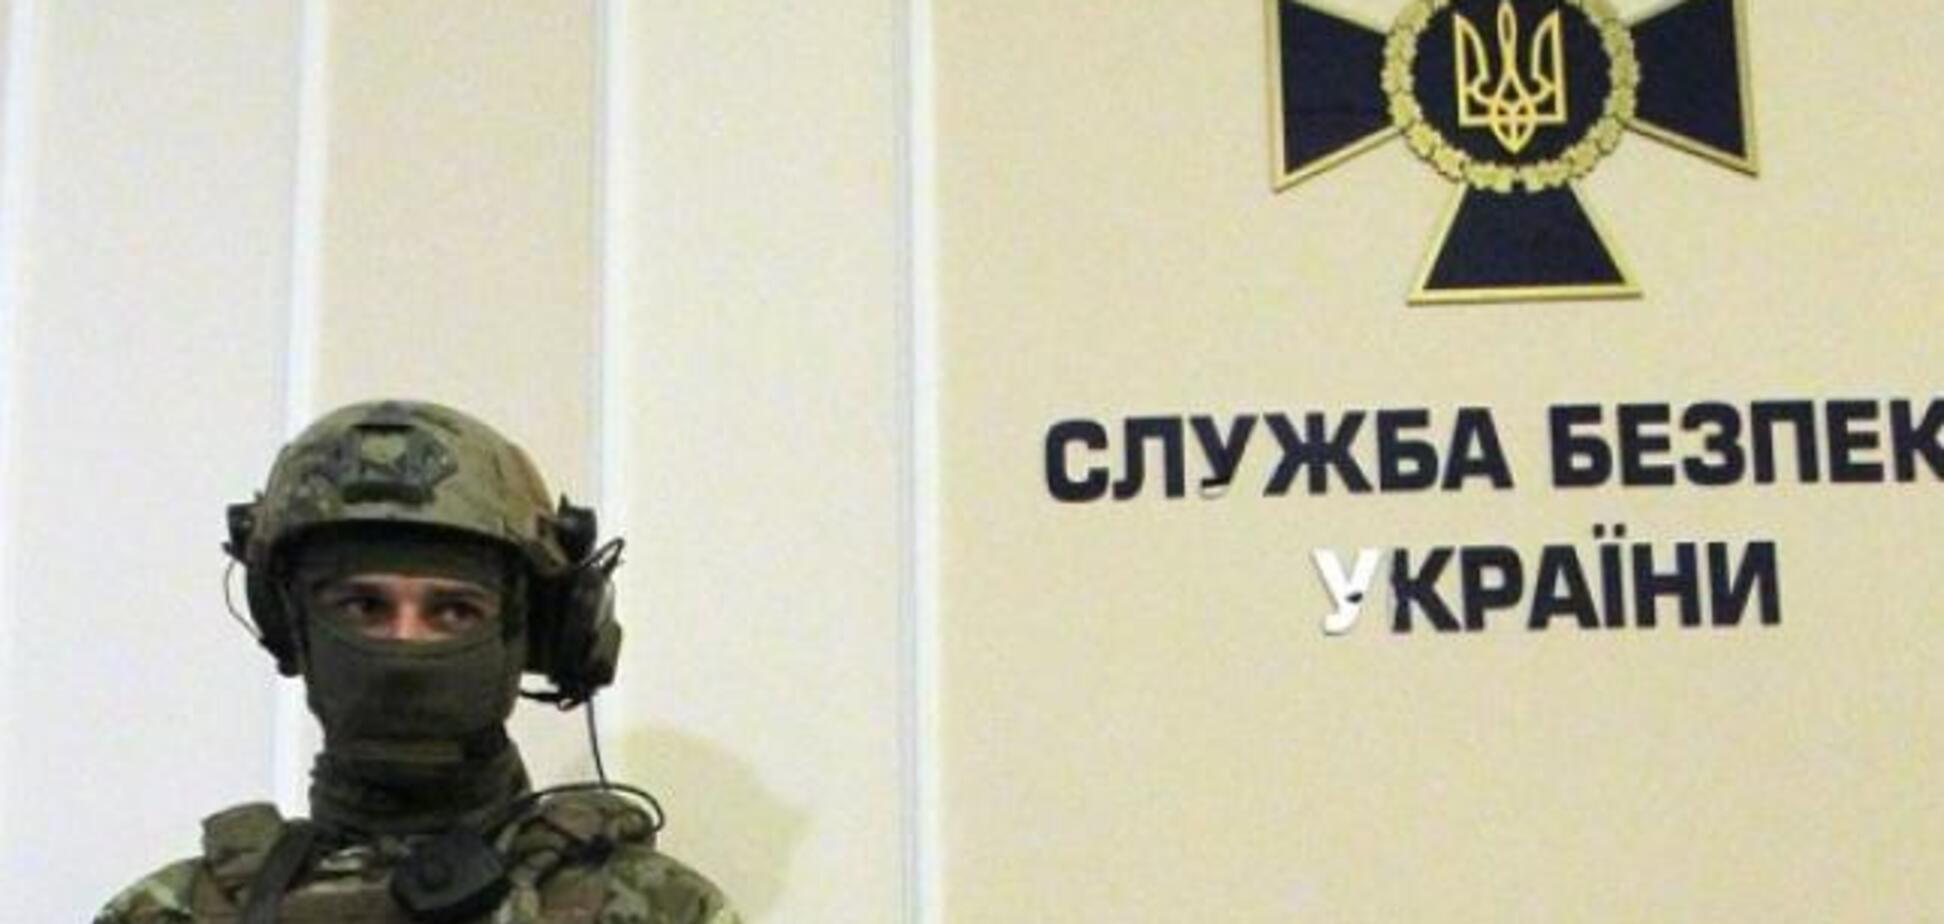 ''Це смертний вирок'': у Держдумі забили на сполох через українську фанатку Путіна